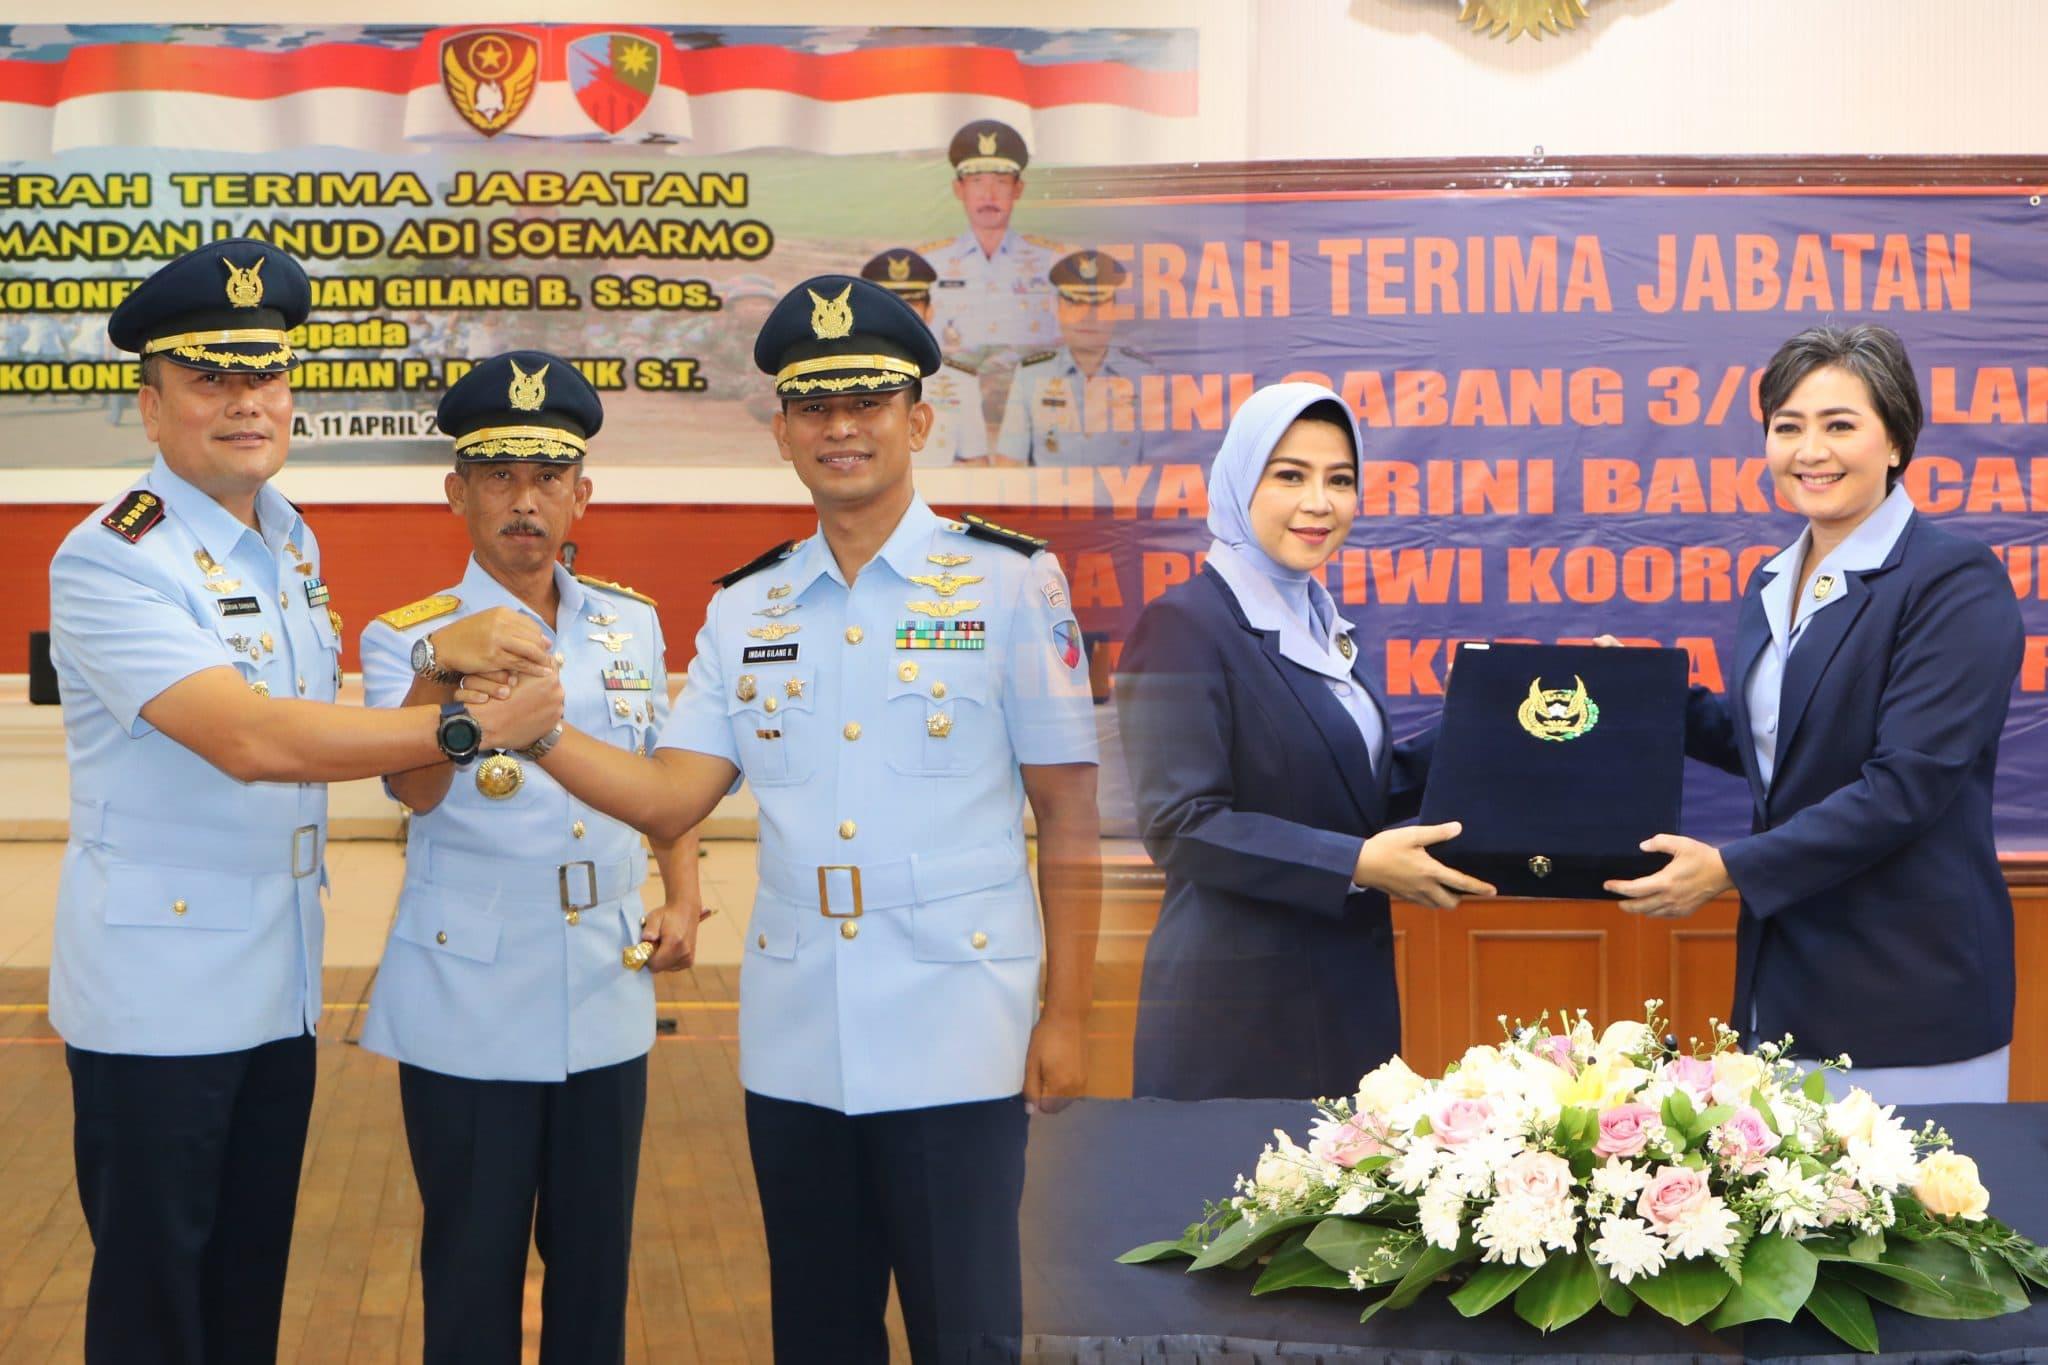 Kolonel Pnb Adrian Damanik Jabat Komandan Lanud Adi Soemarmo